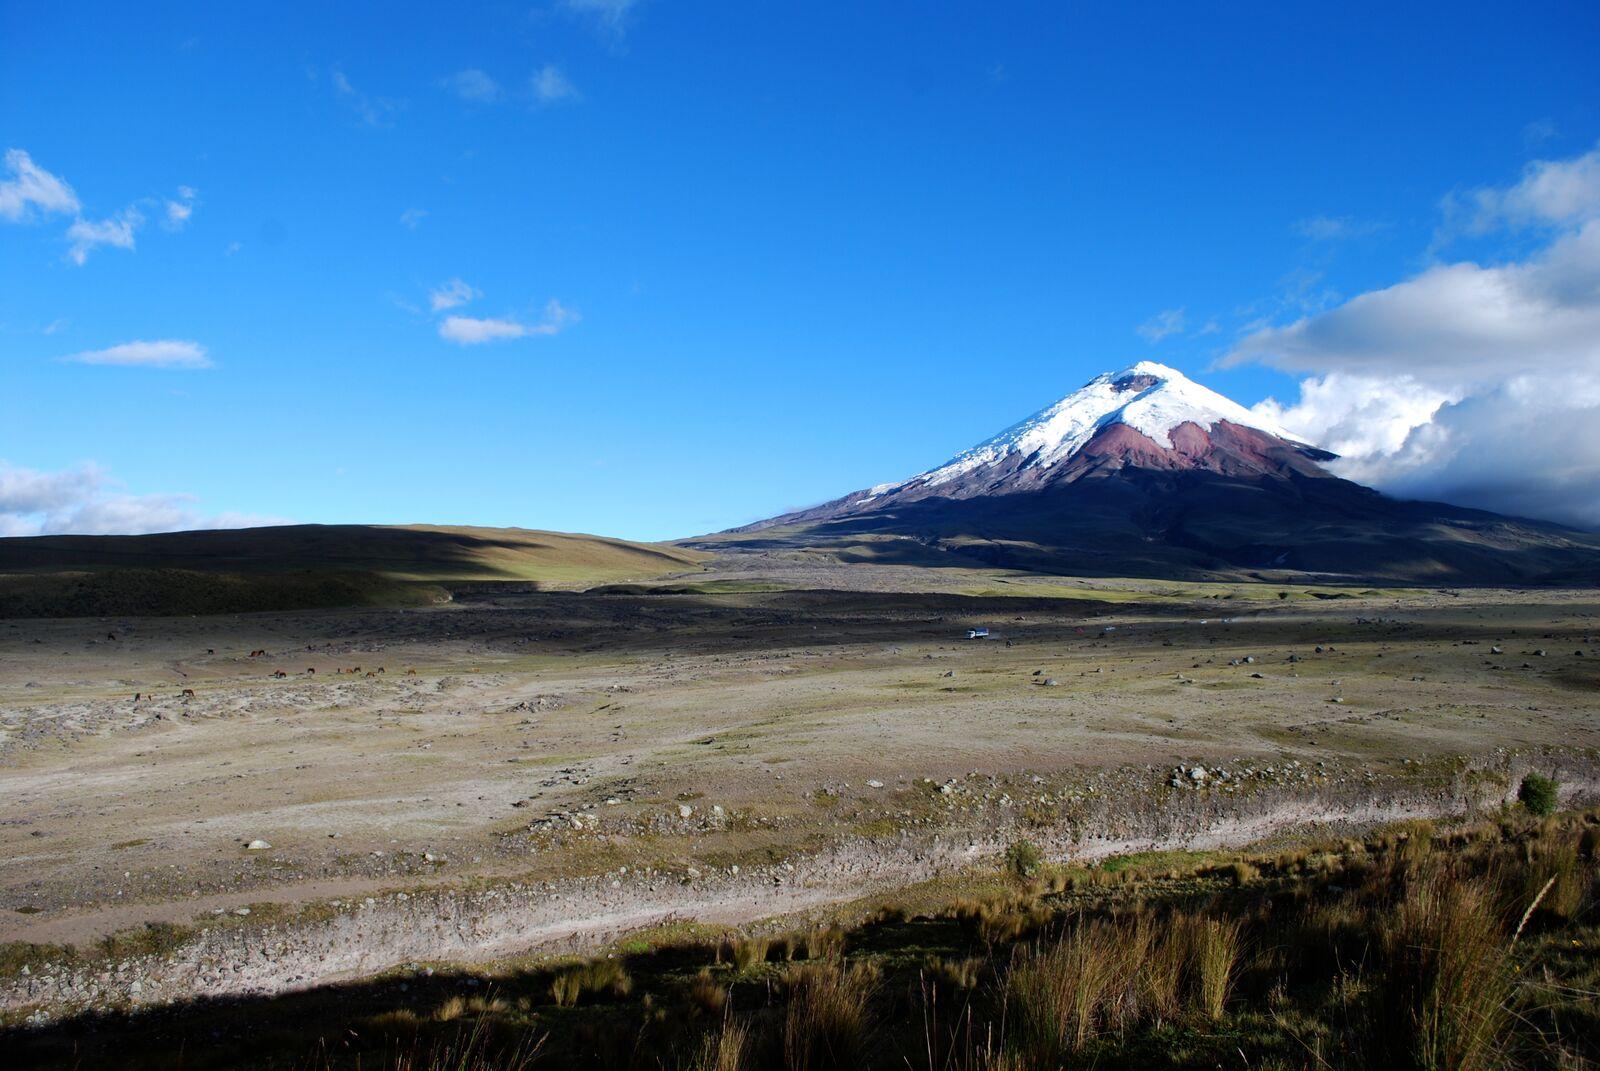 Reise in Galapagos und Ecuador in Südamerika. Ein weites, karges Hochlandplateau, in der Ferne ist ein schneebedeckter Vulkankegel zu sehen.